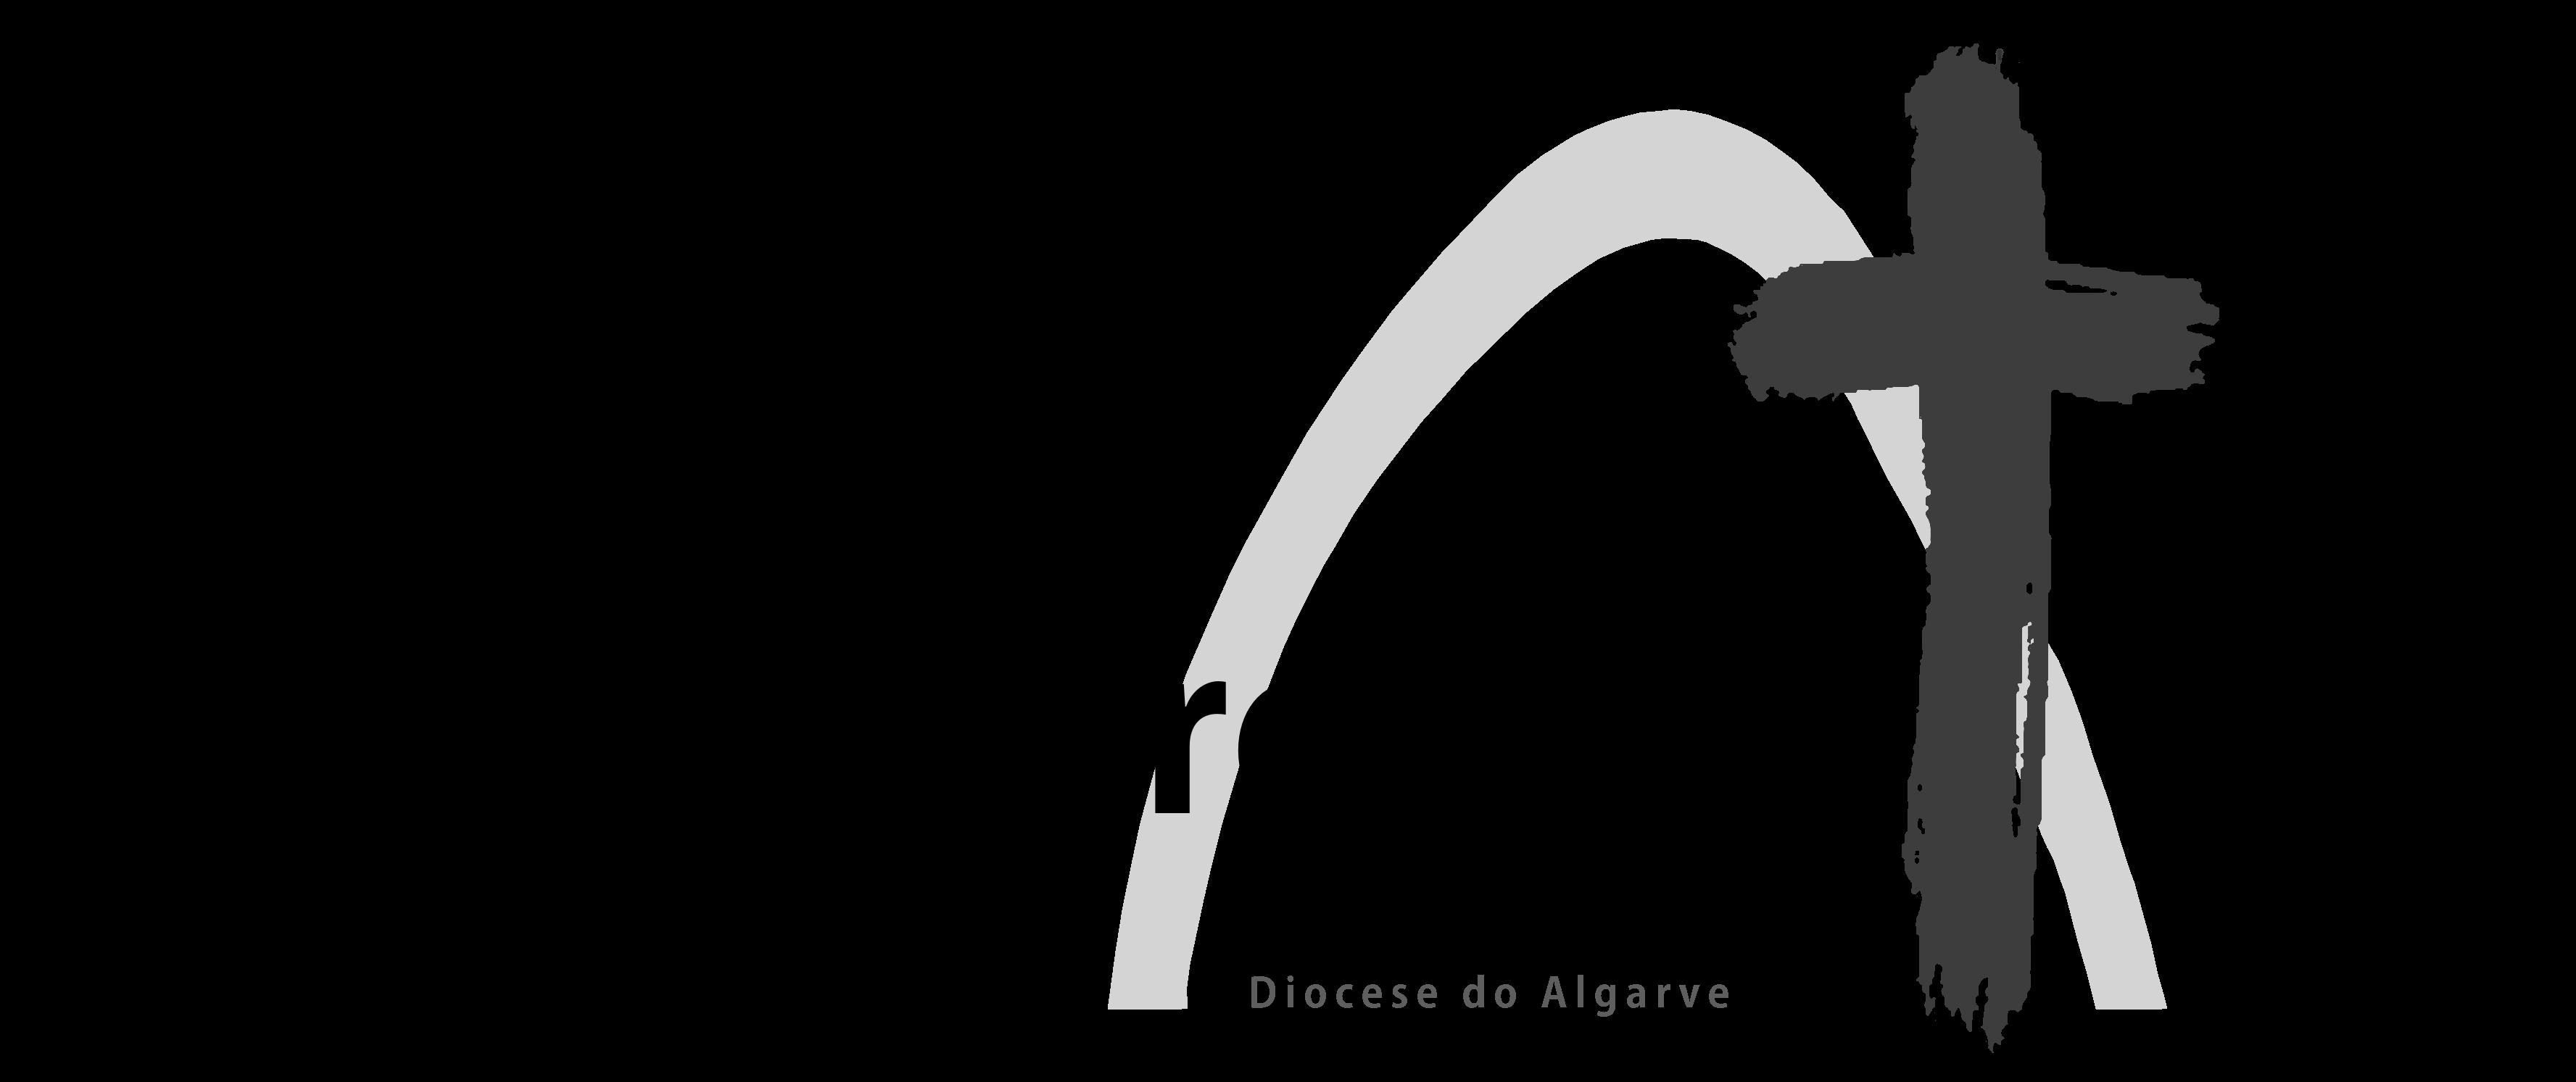 Casa de Retiros de São Lourenço do Palmeiral – Diocese do Algarve